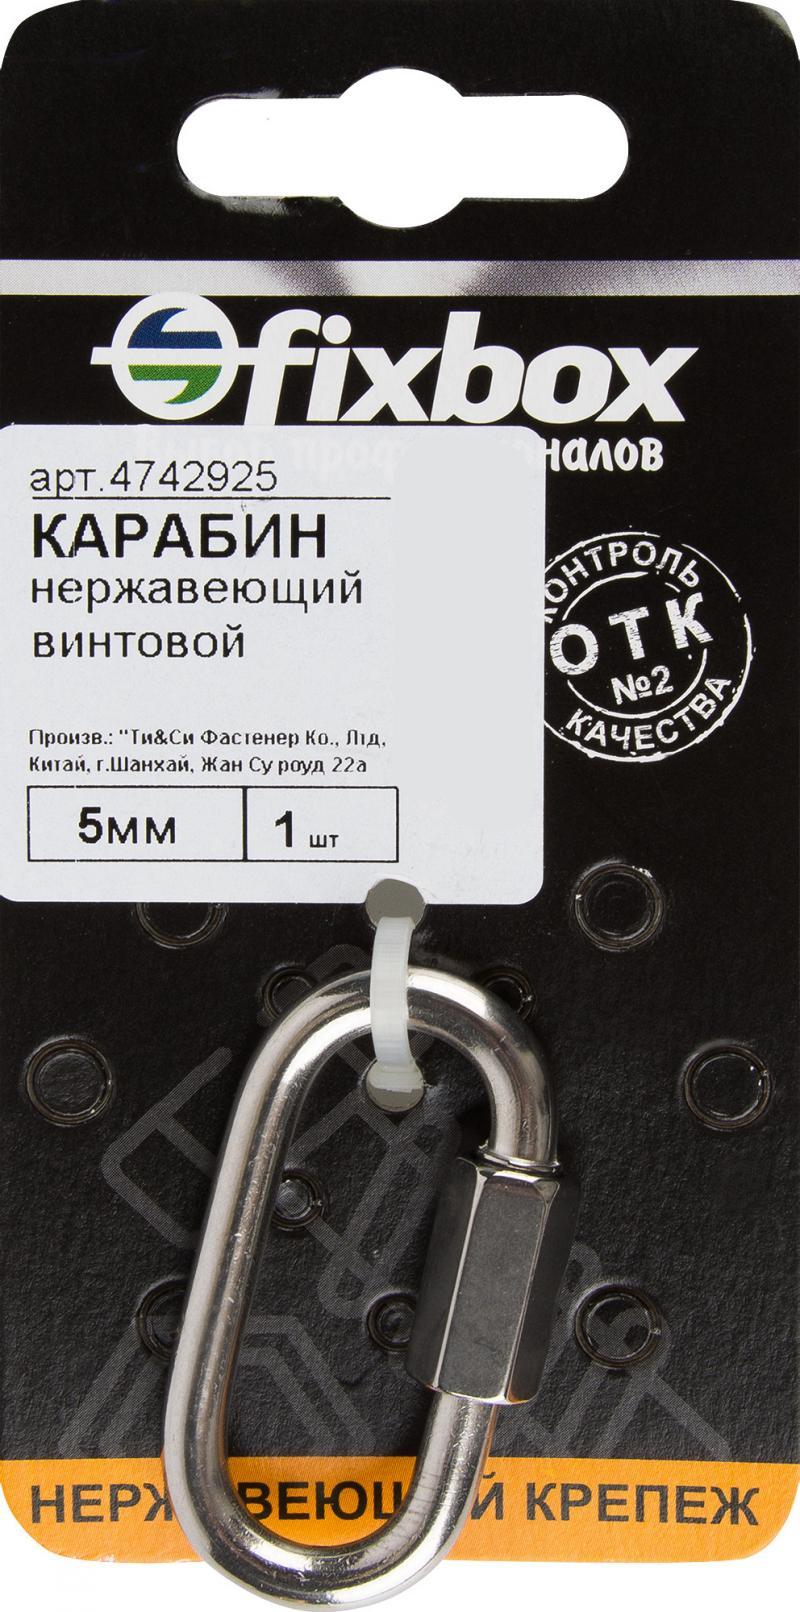 Карабин нержавеющий винтовой Fixbox, 5 мм 1 шт.